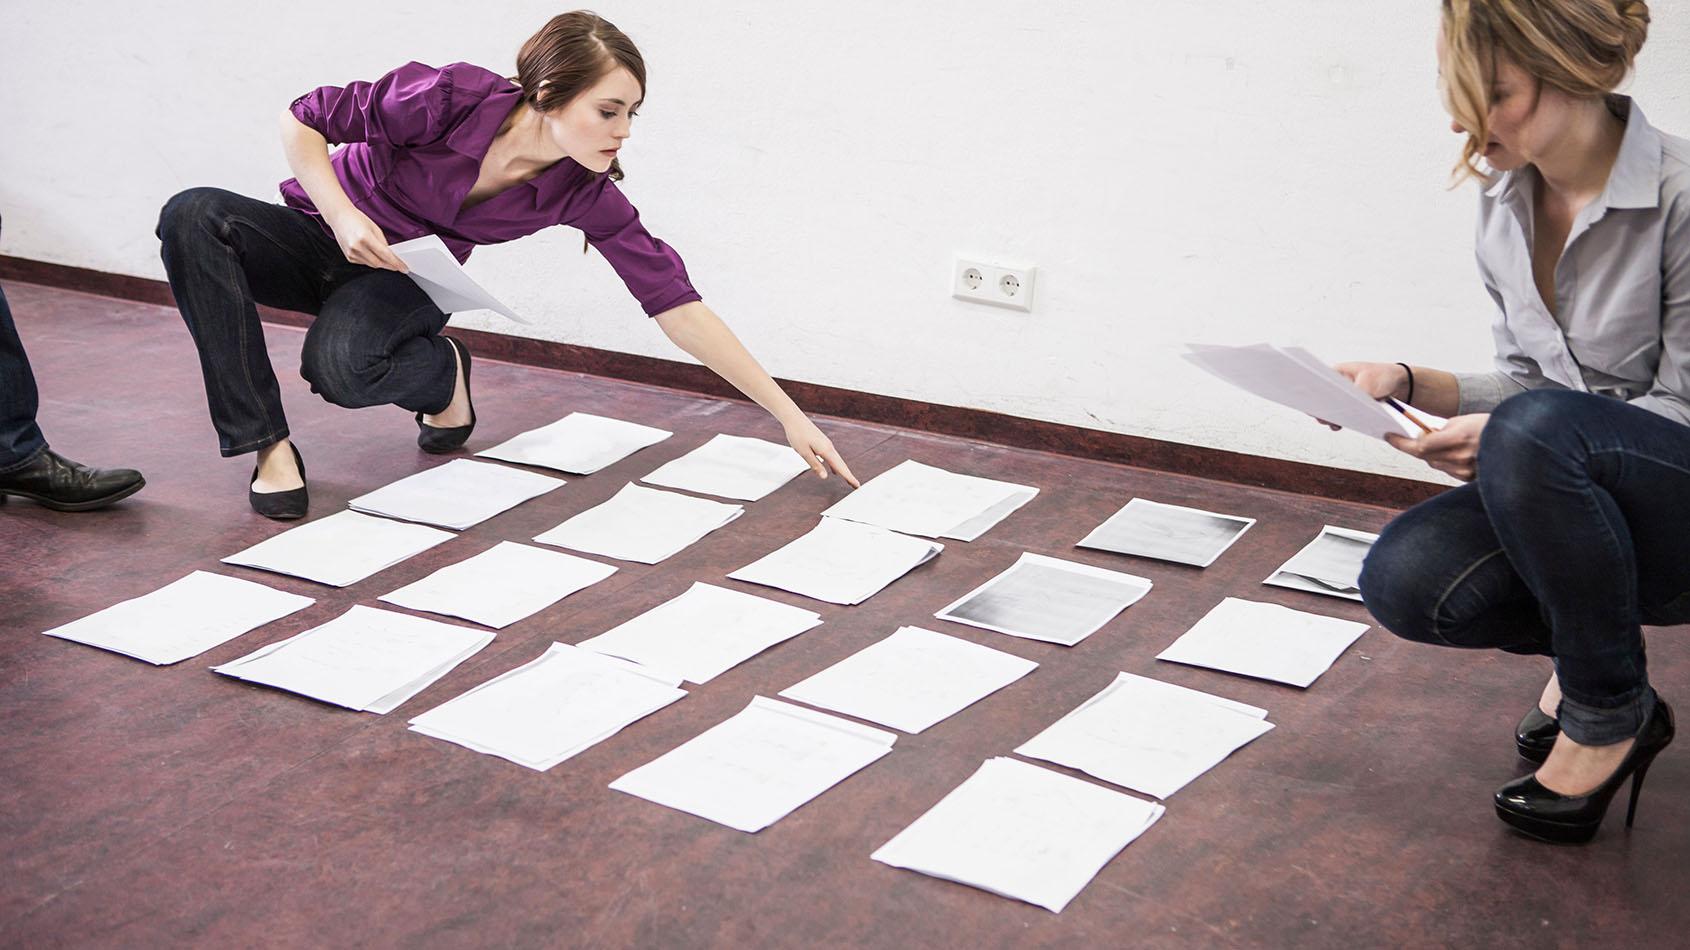 Interleaving curriculum design